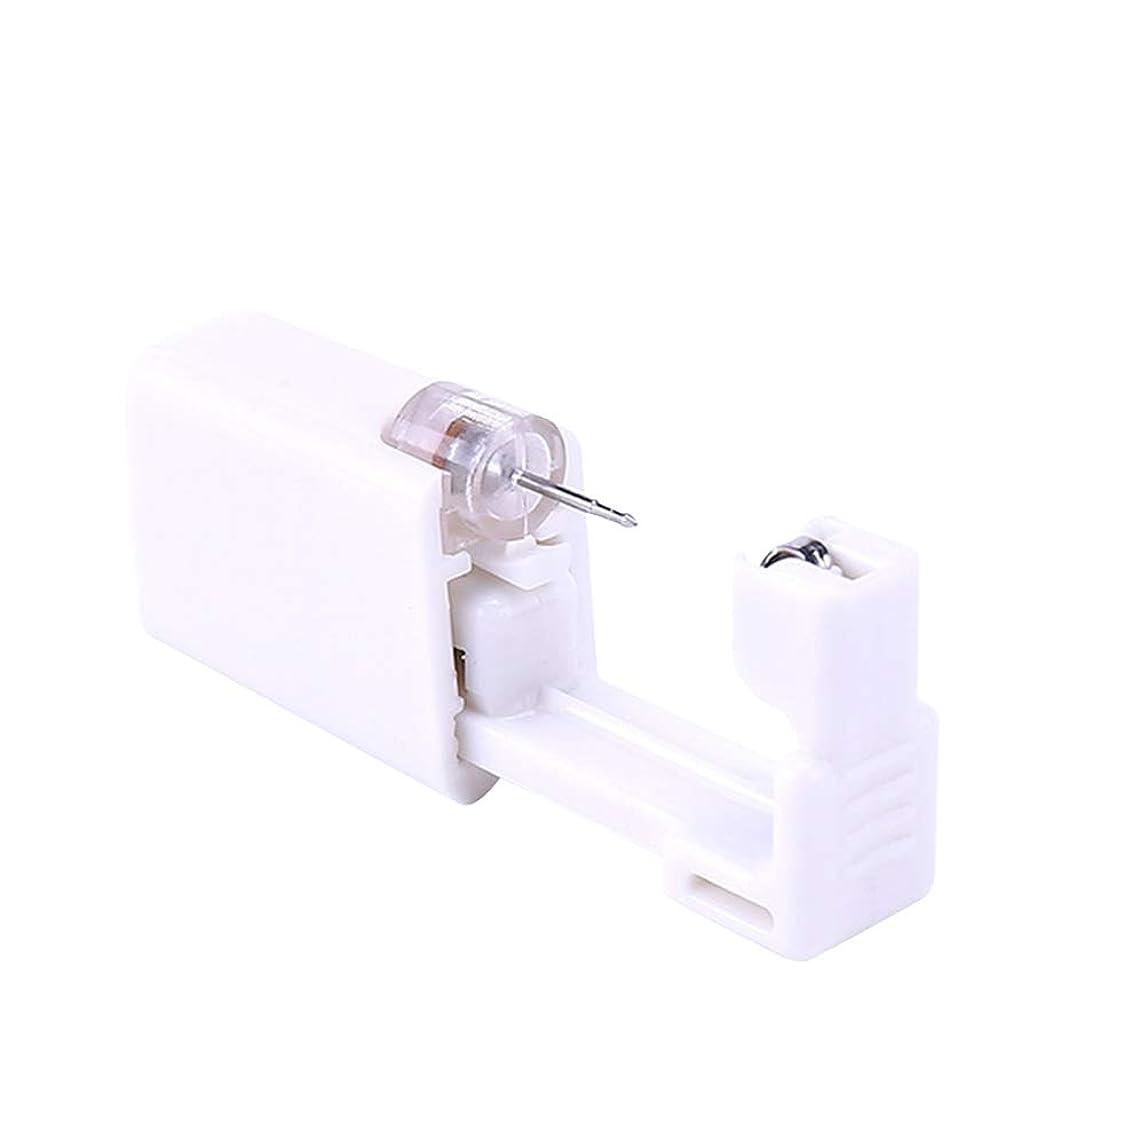 謎世界的に剥離SUPVOX 2本使い捨て耳ピアスガンボディピアスガンピアスツールピアスデバイス(ホワイト)